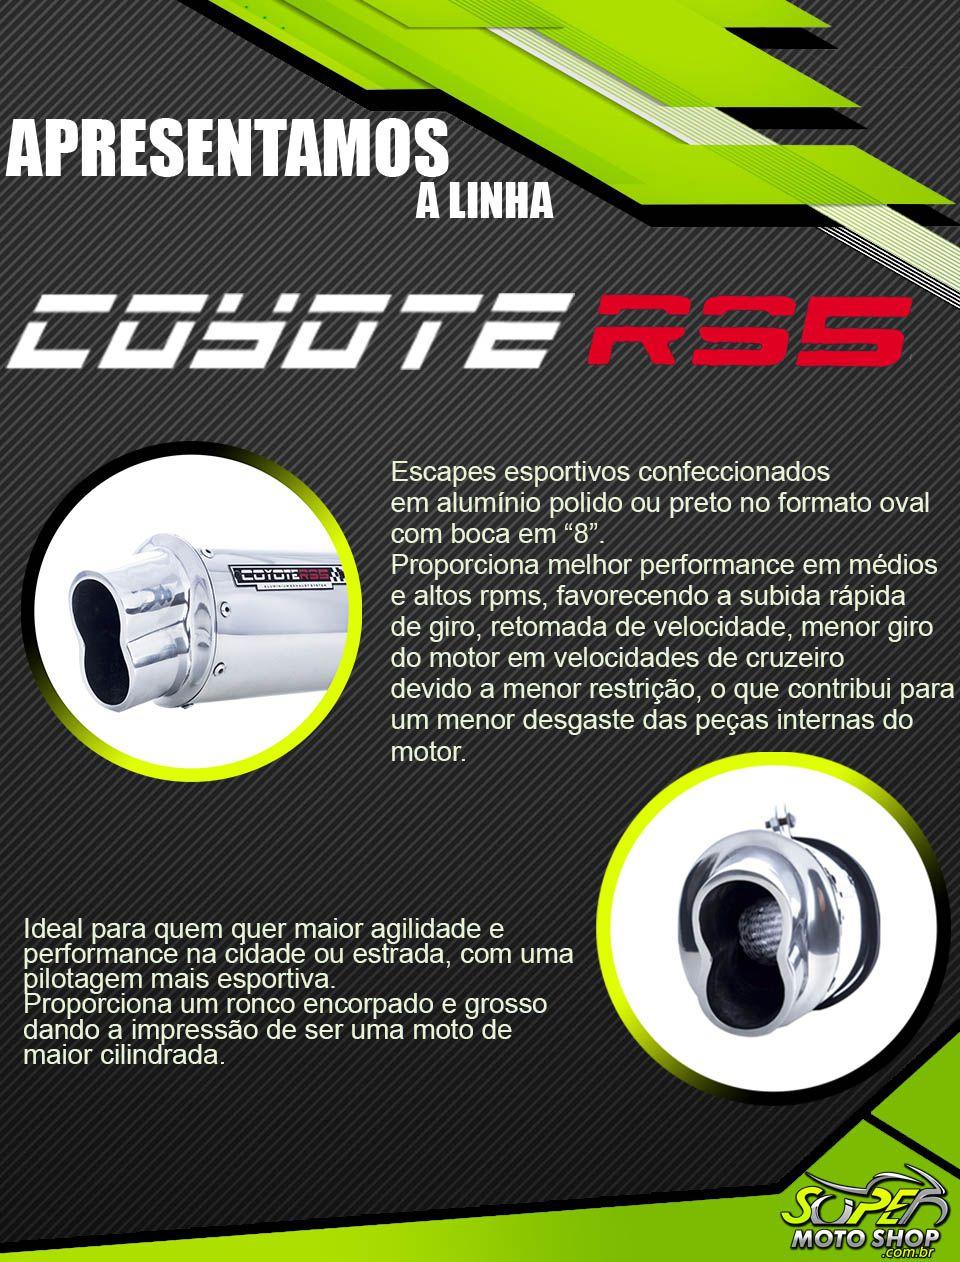 Escape / Ponteira Coyote RS5 Boca 8 Aluminio Oval - YBR Factor 125 2009 até 2016 - Yamaha